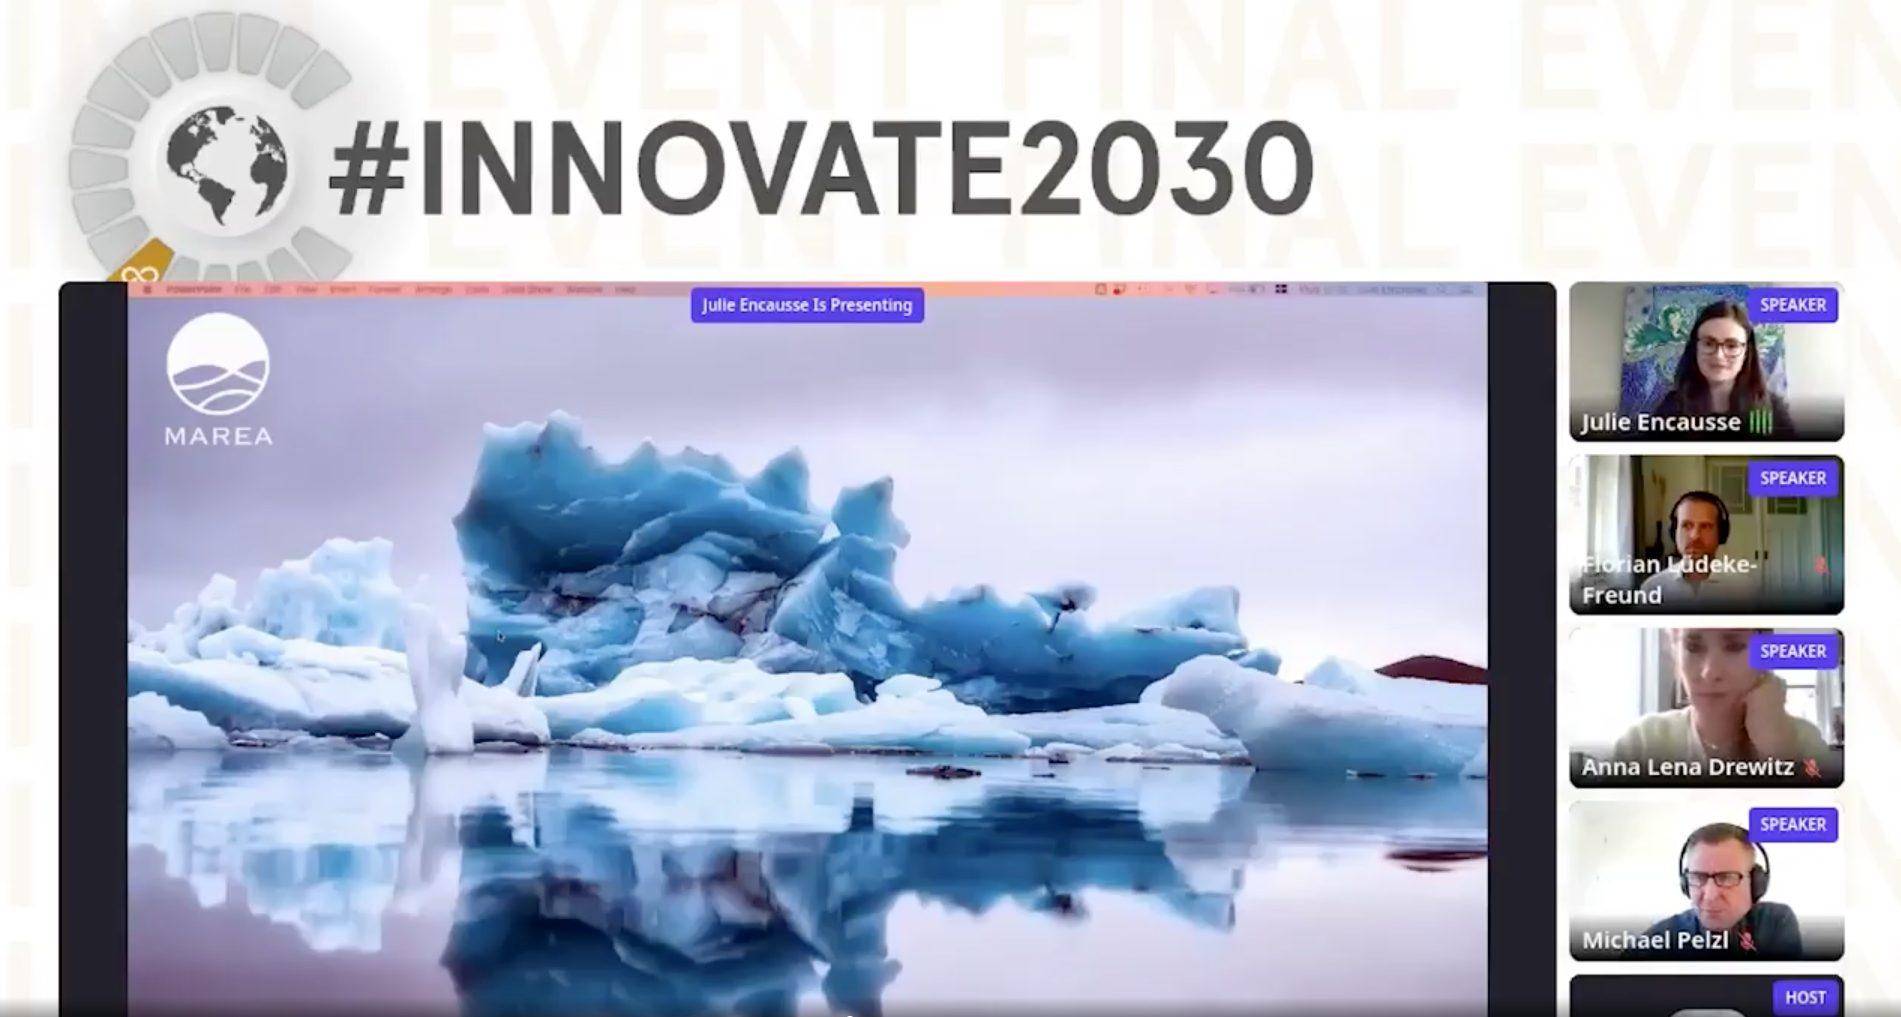 Winner #Innovate2030